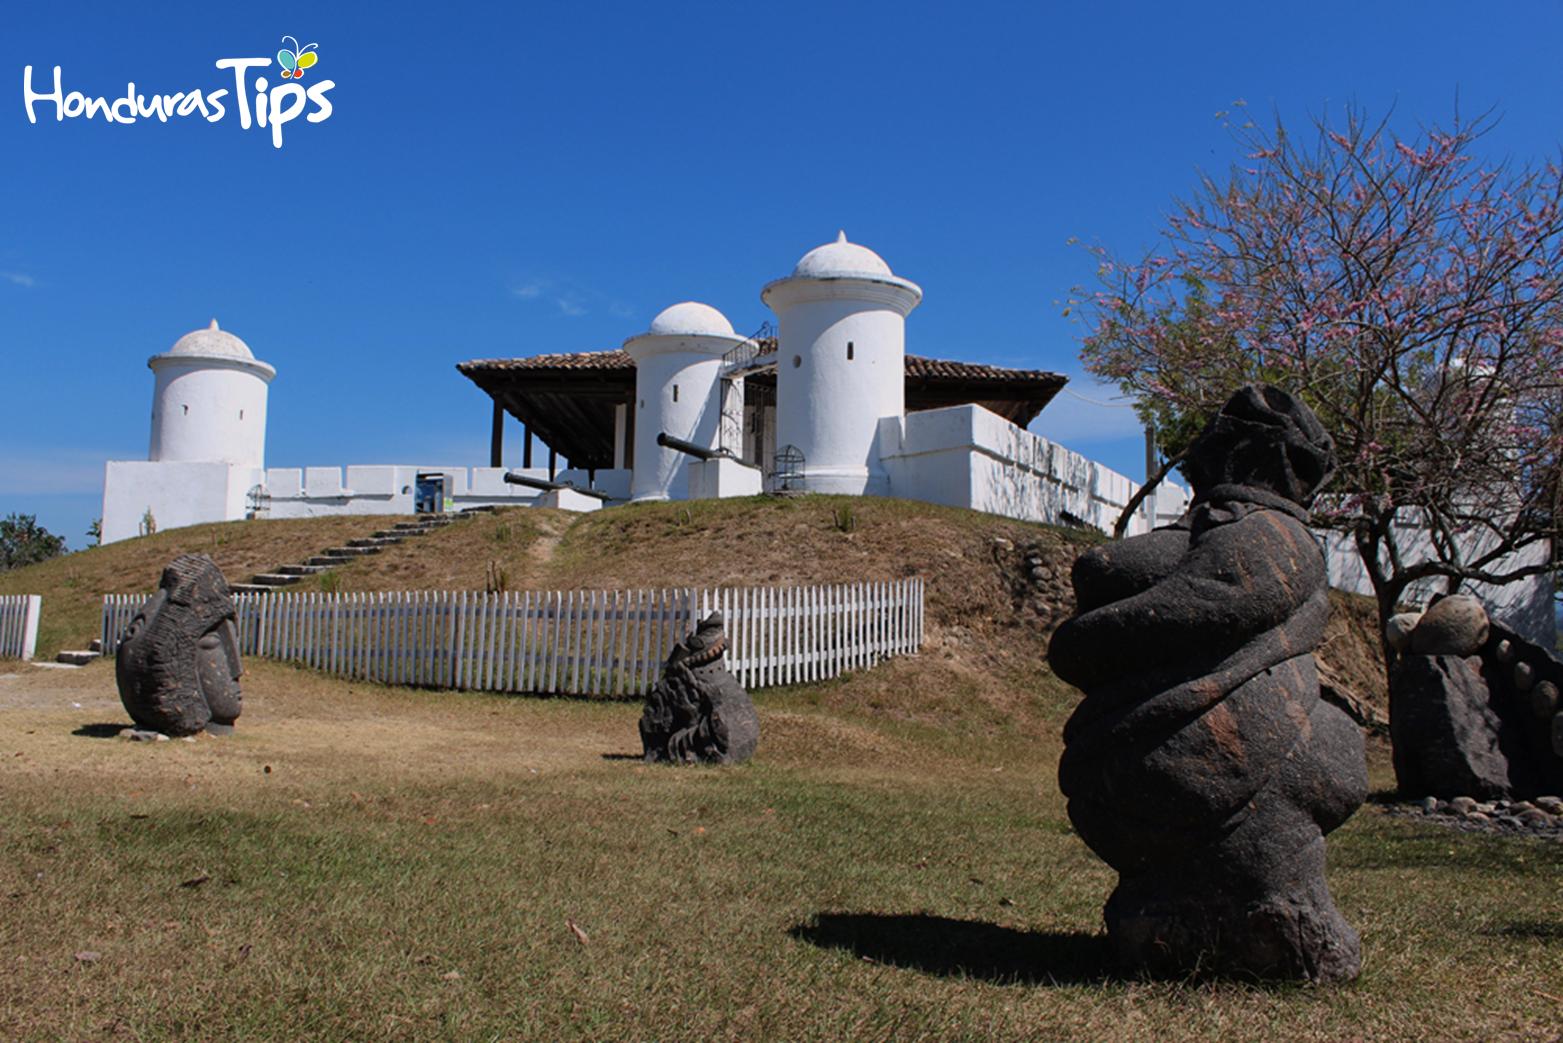 El fuerte de san Cristóbal es uno de los atractivos si va a Gracias, Lempira.